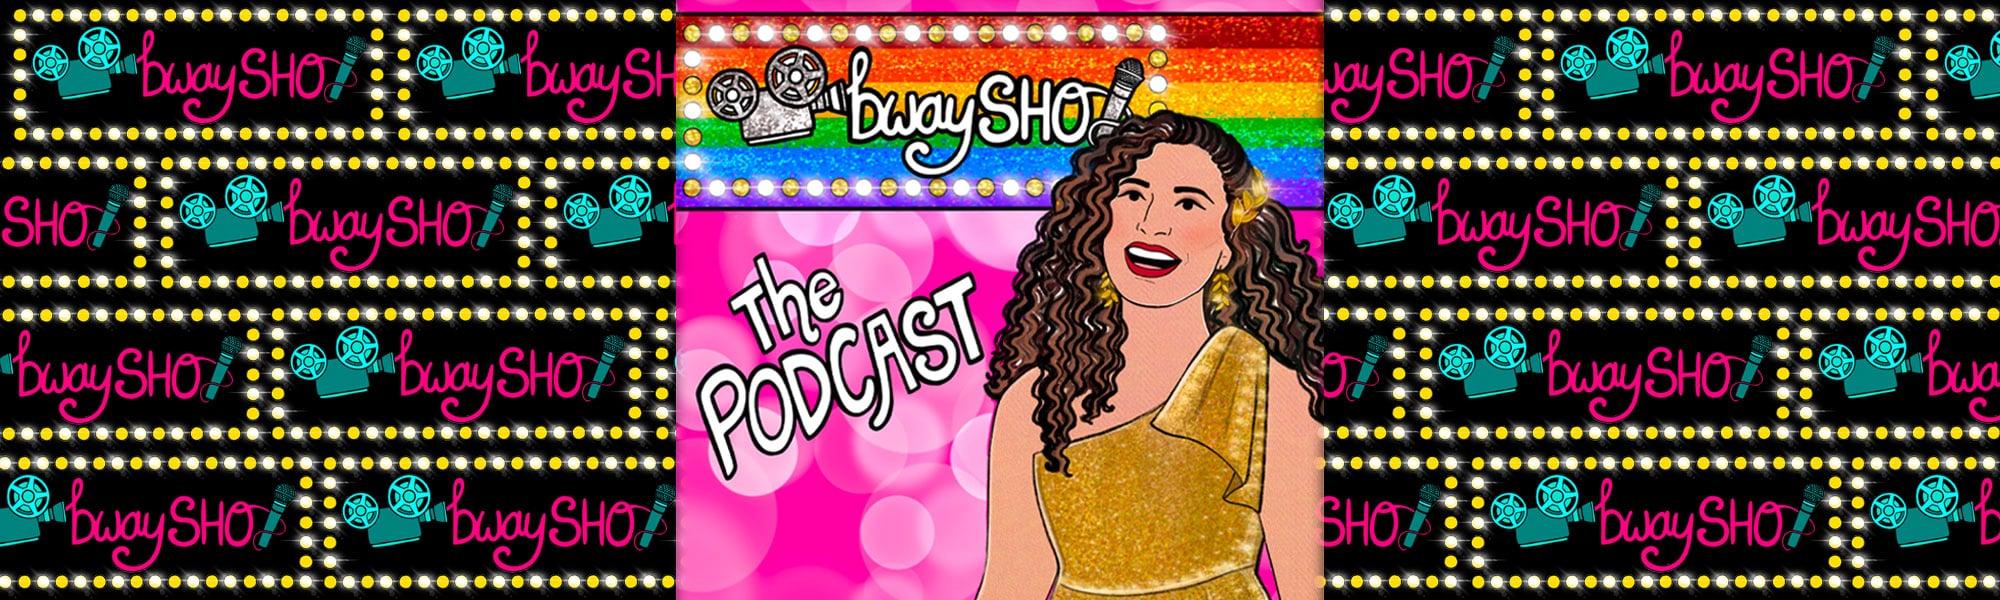 bwaySHO: The Podcast logo